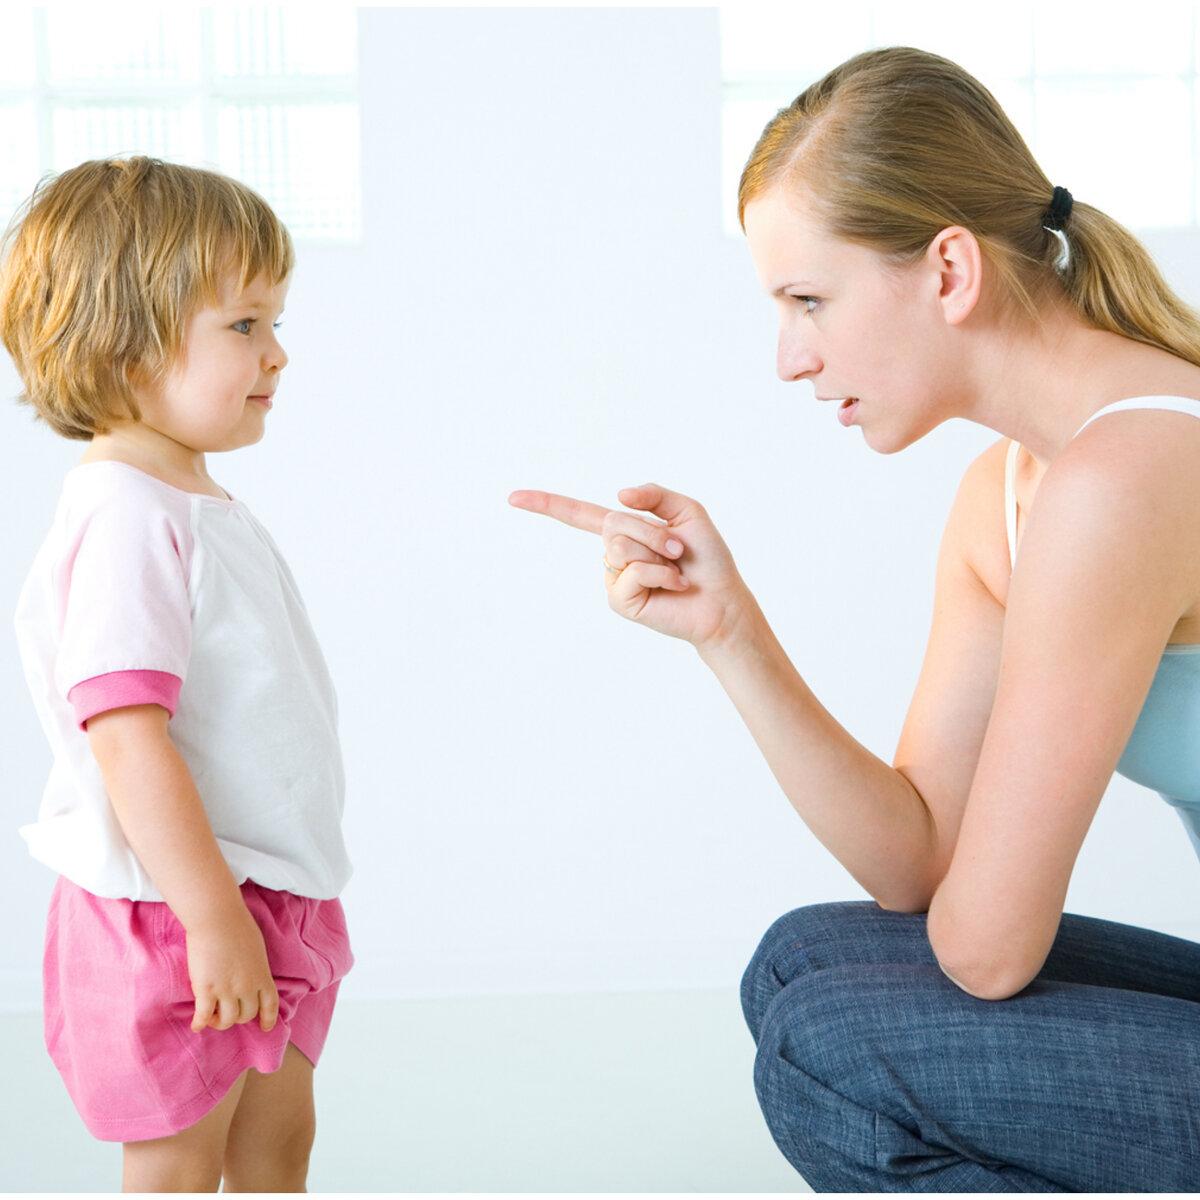 Топ-6 основных ошибок родителей в воспитании детей